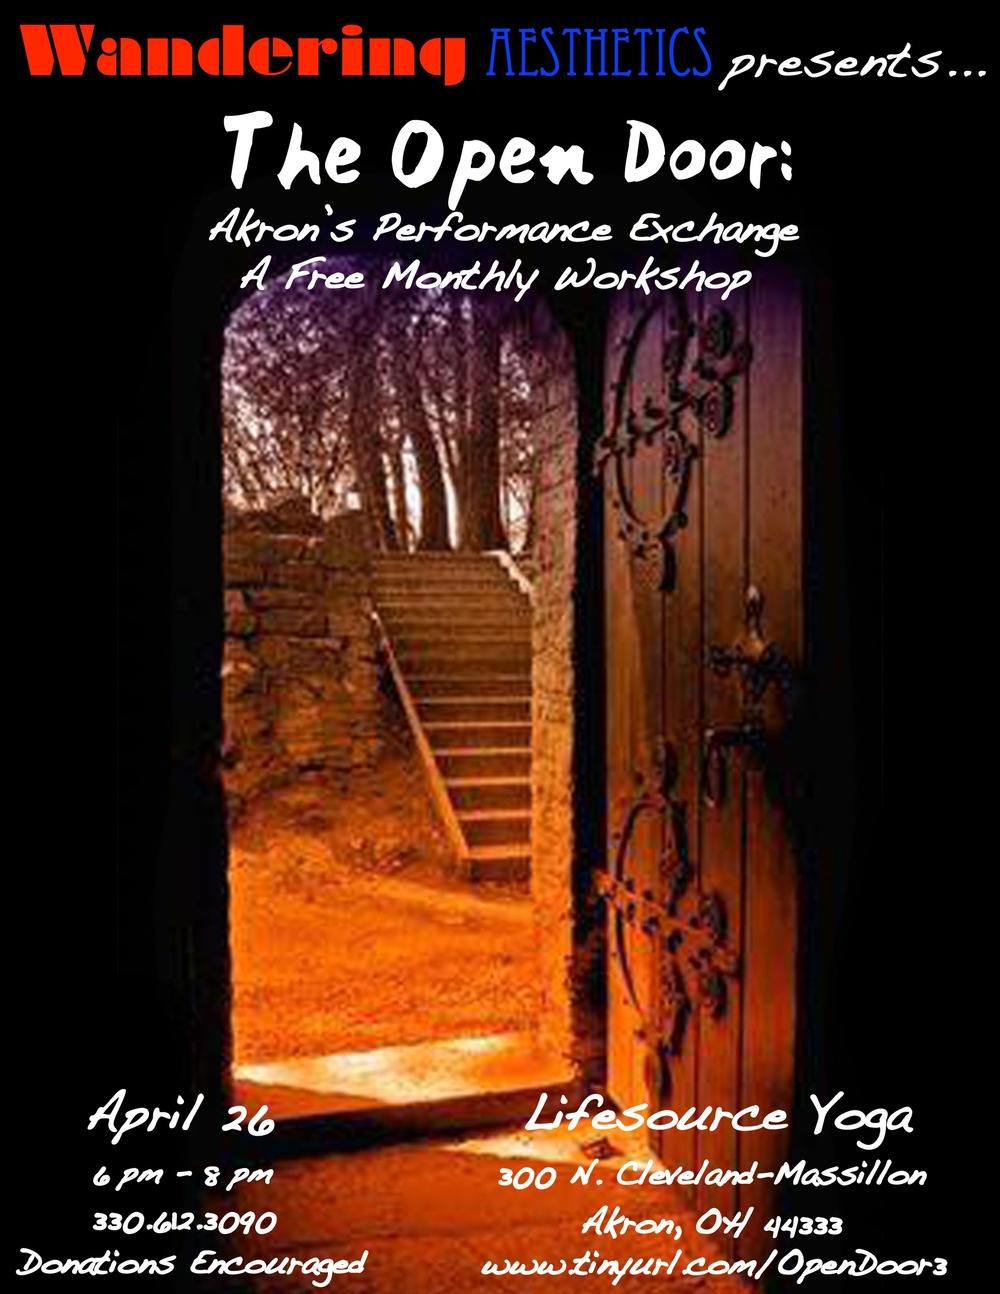 The Open Door April.jpg